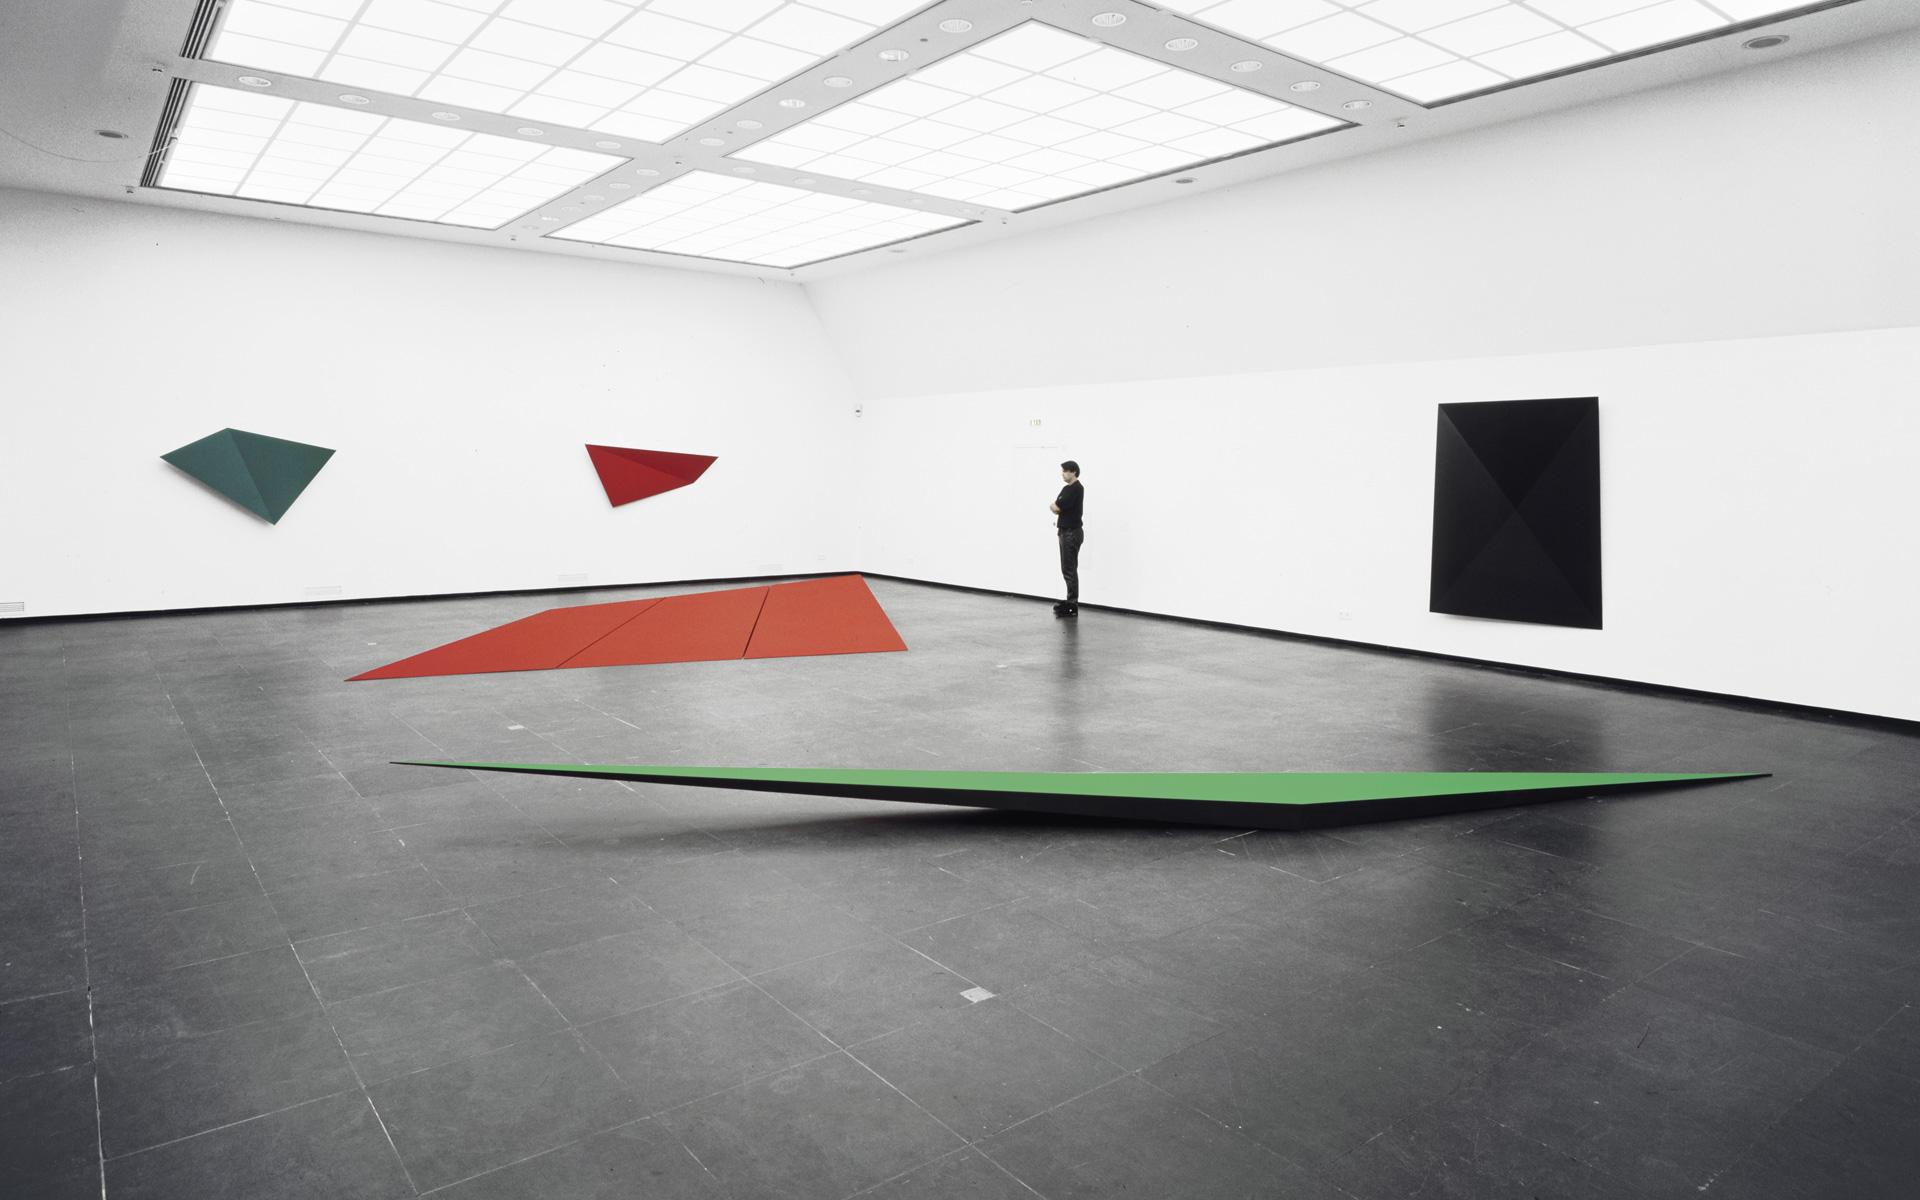 Installation view Kunstverein Frankfurt, 1997 - Photo: Christoph Valentien